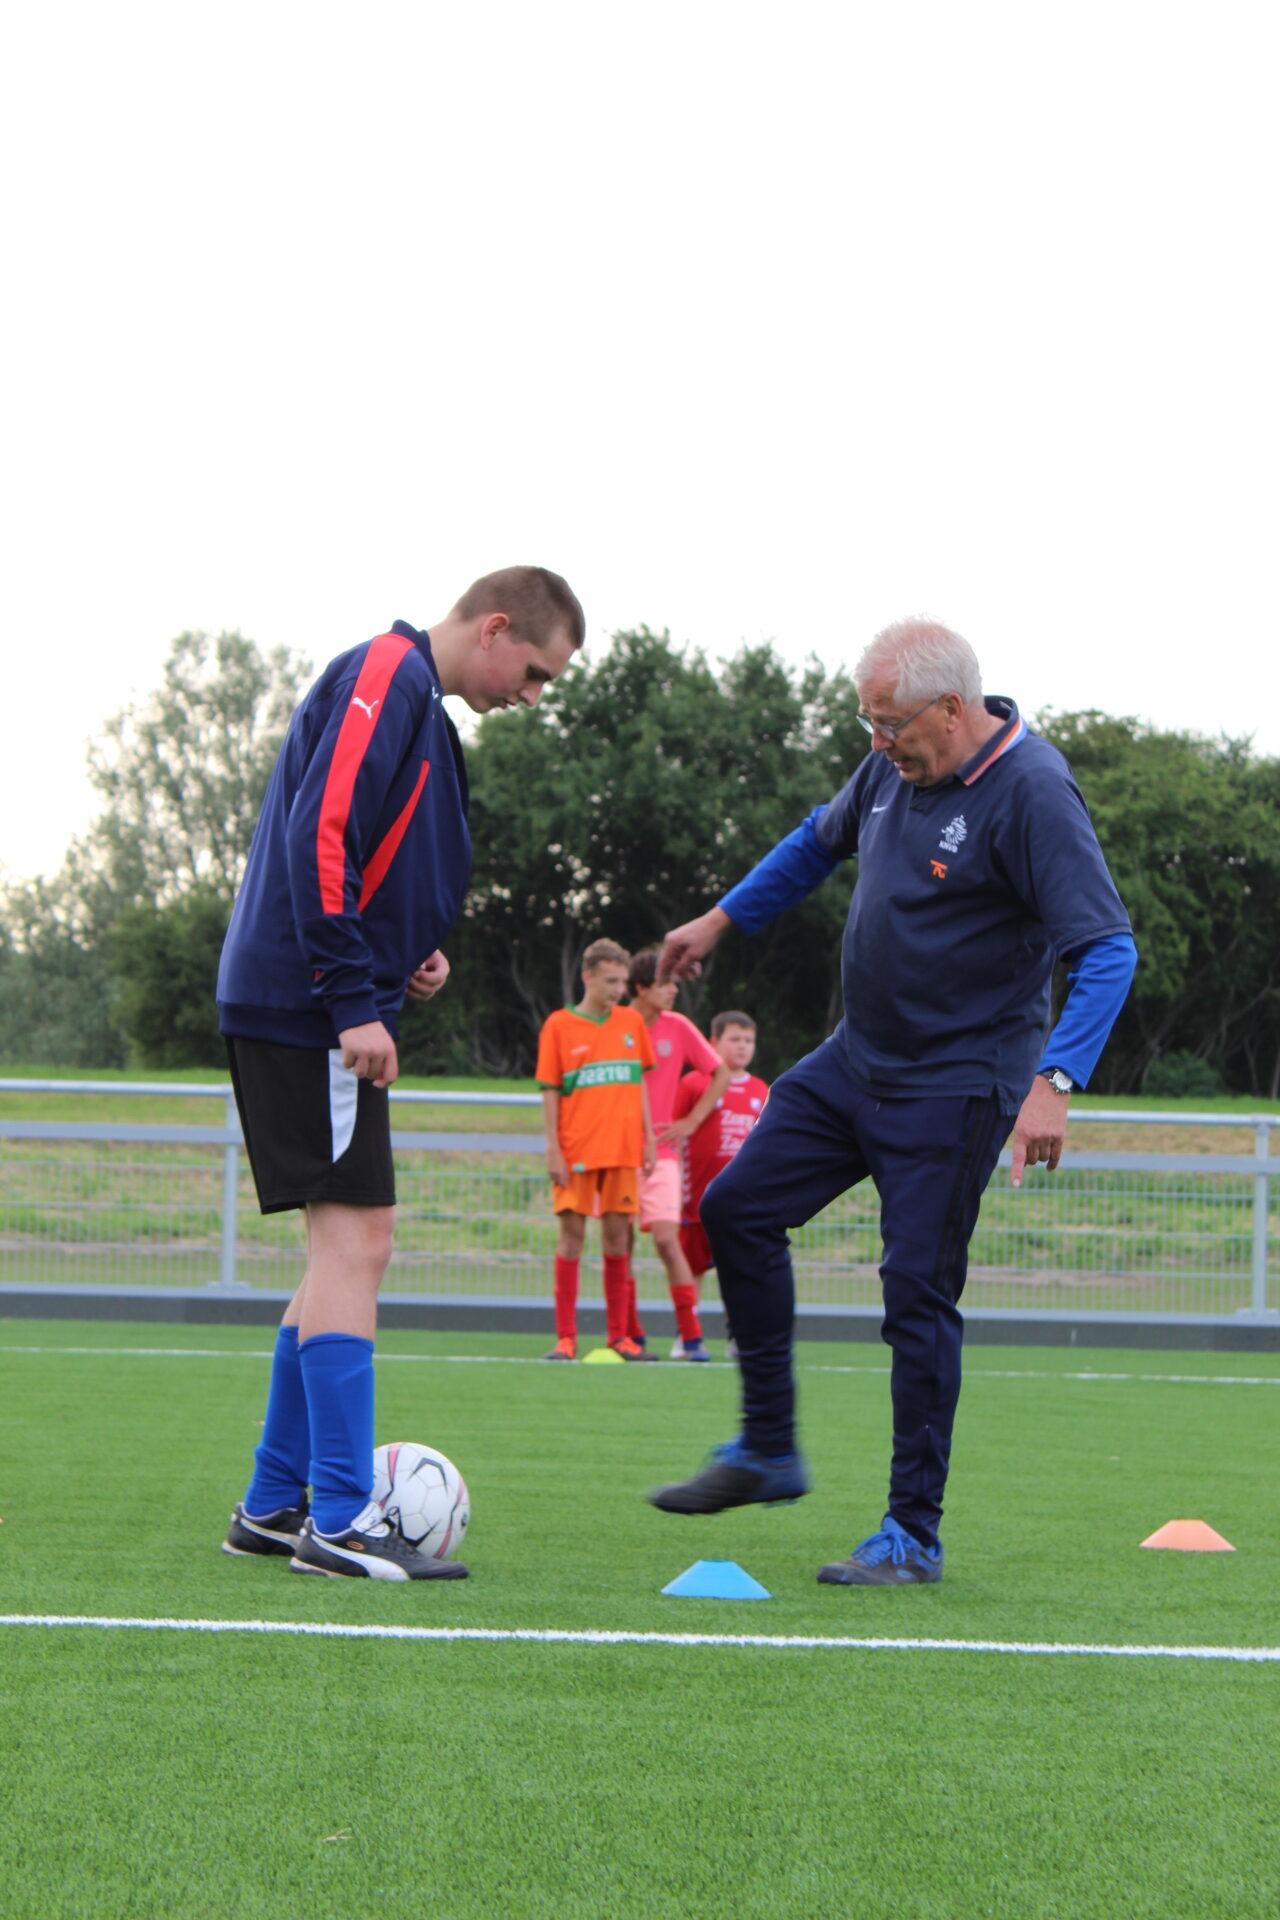 Training helpt trainers omgaan met beperkingen of stoornissen in de groep